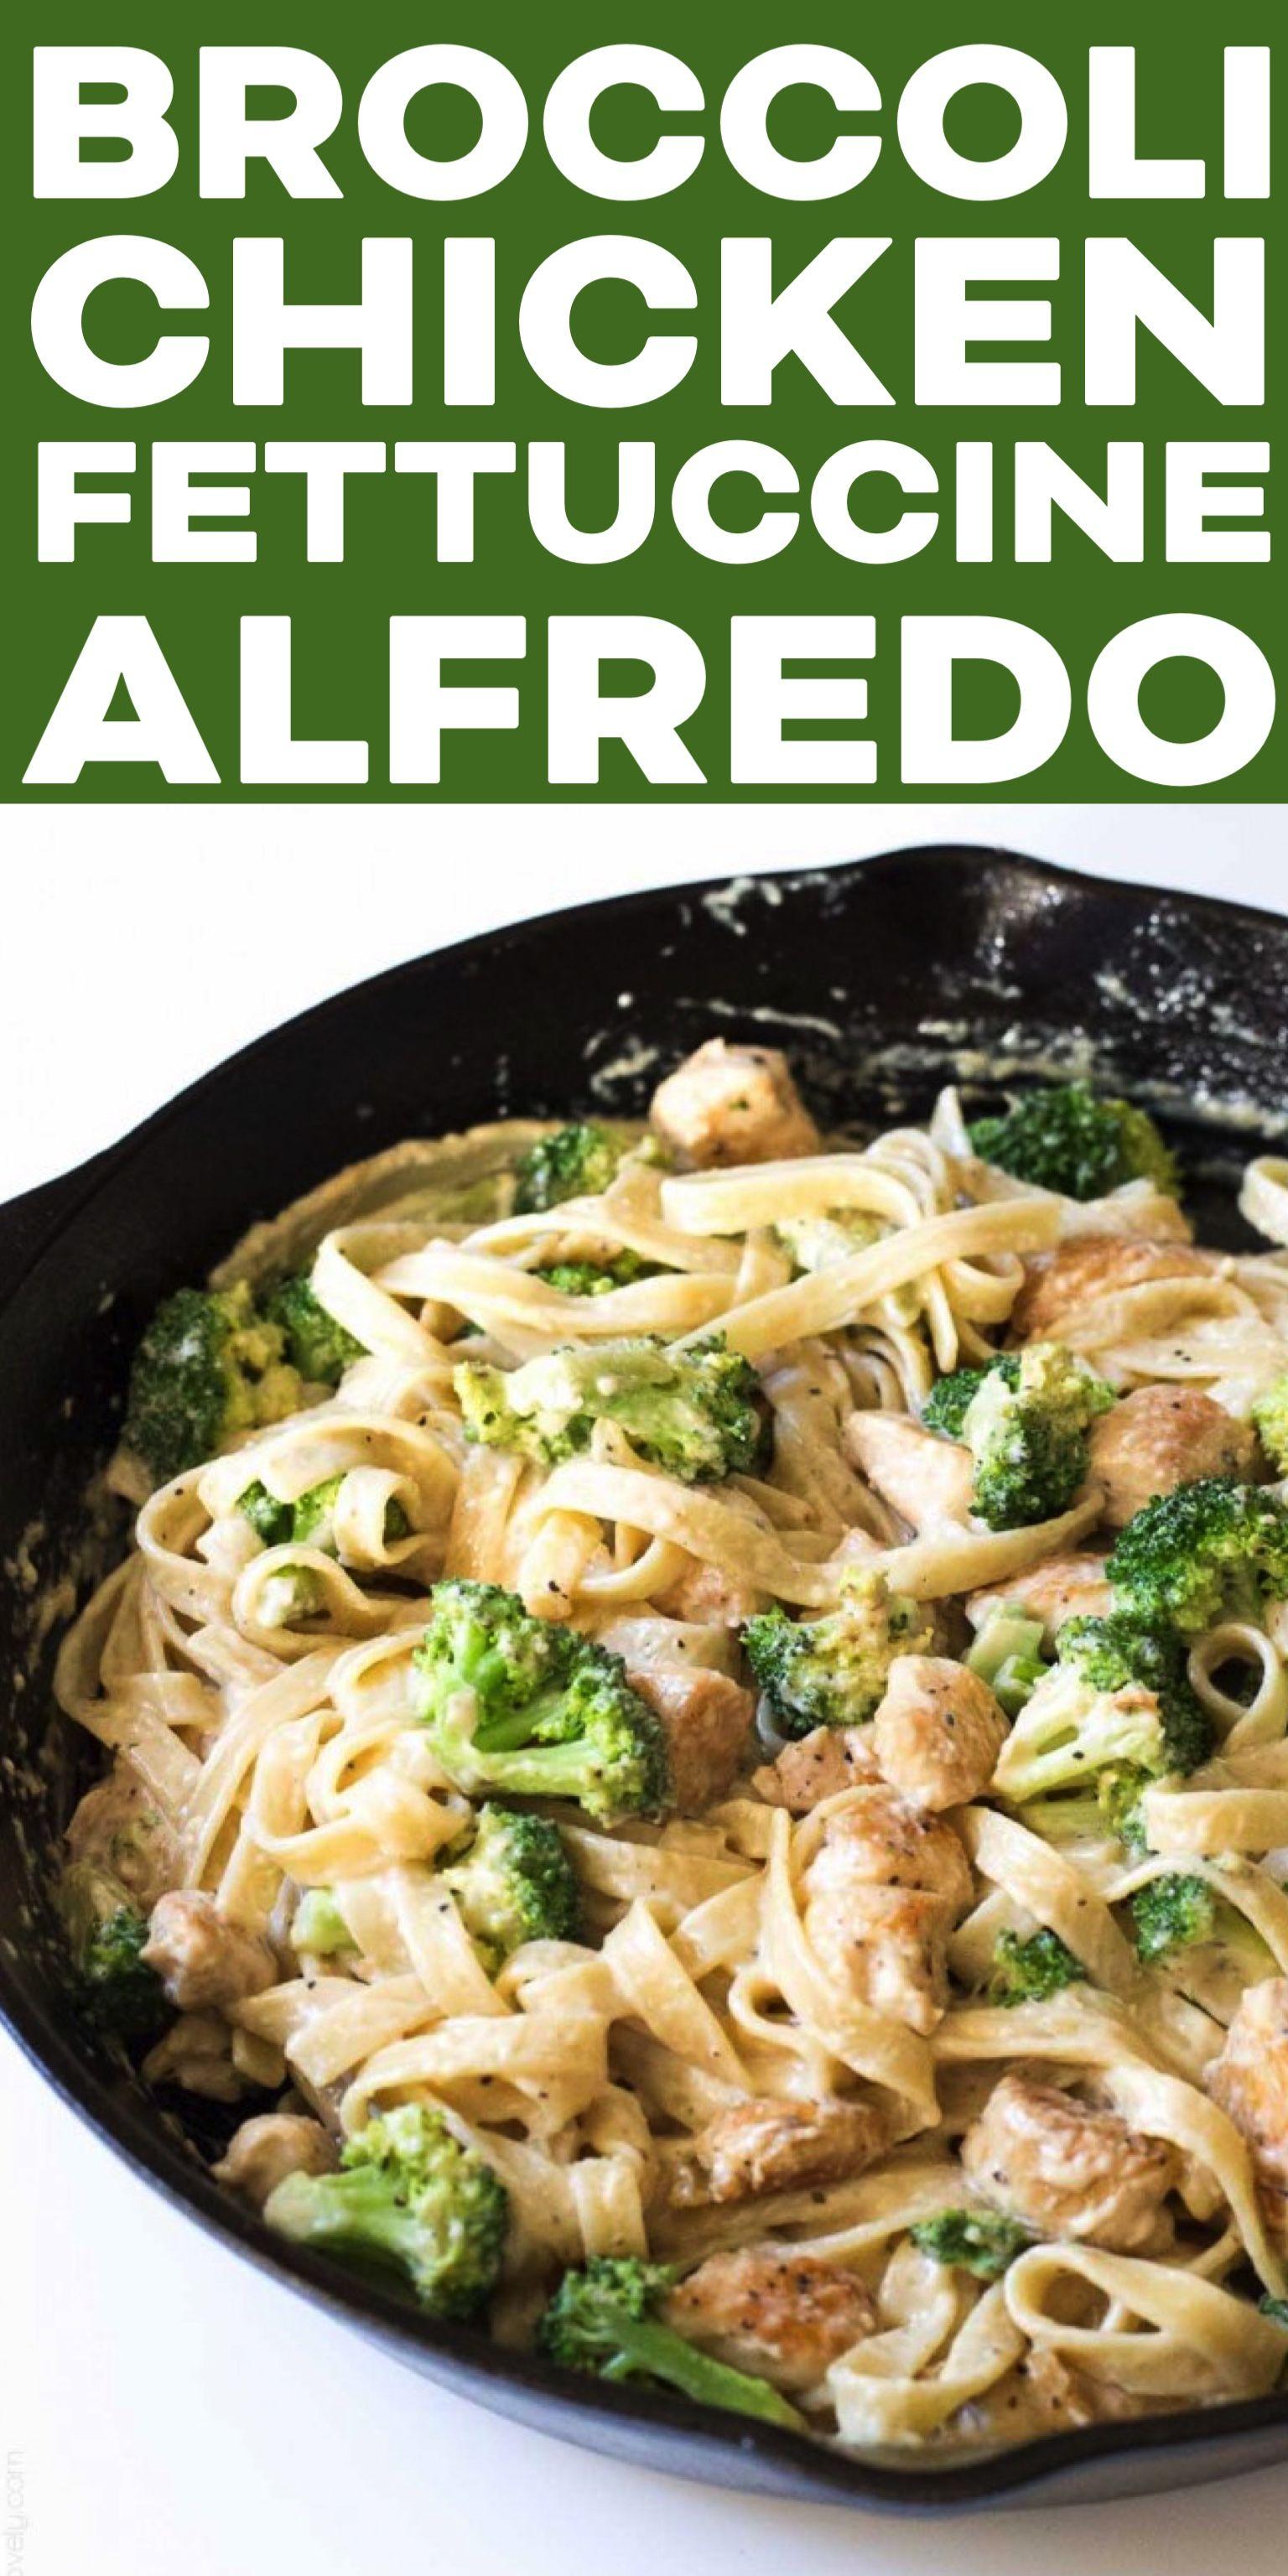 Broccoli Chicken Fettuccine Alfredo